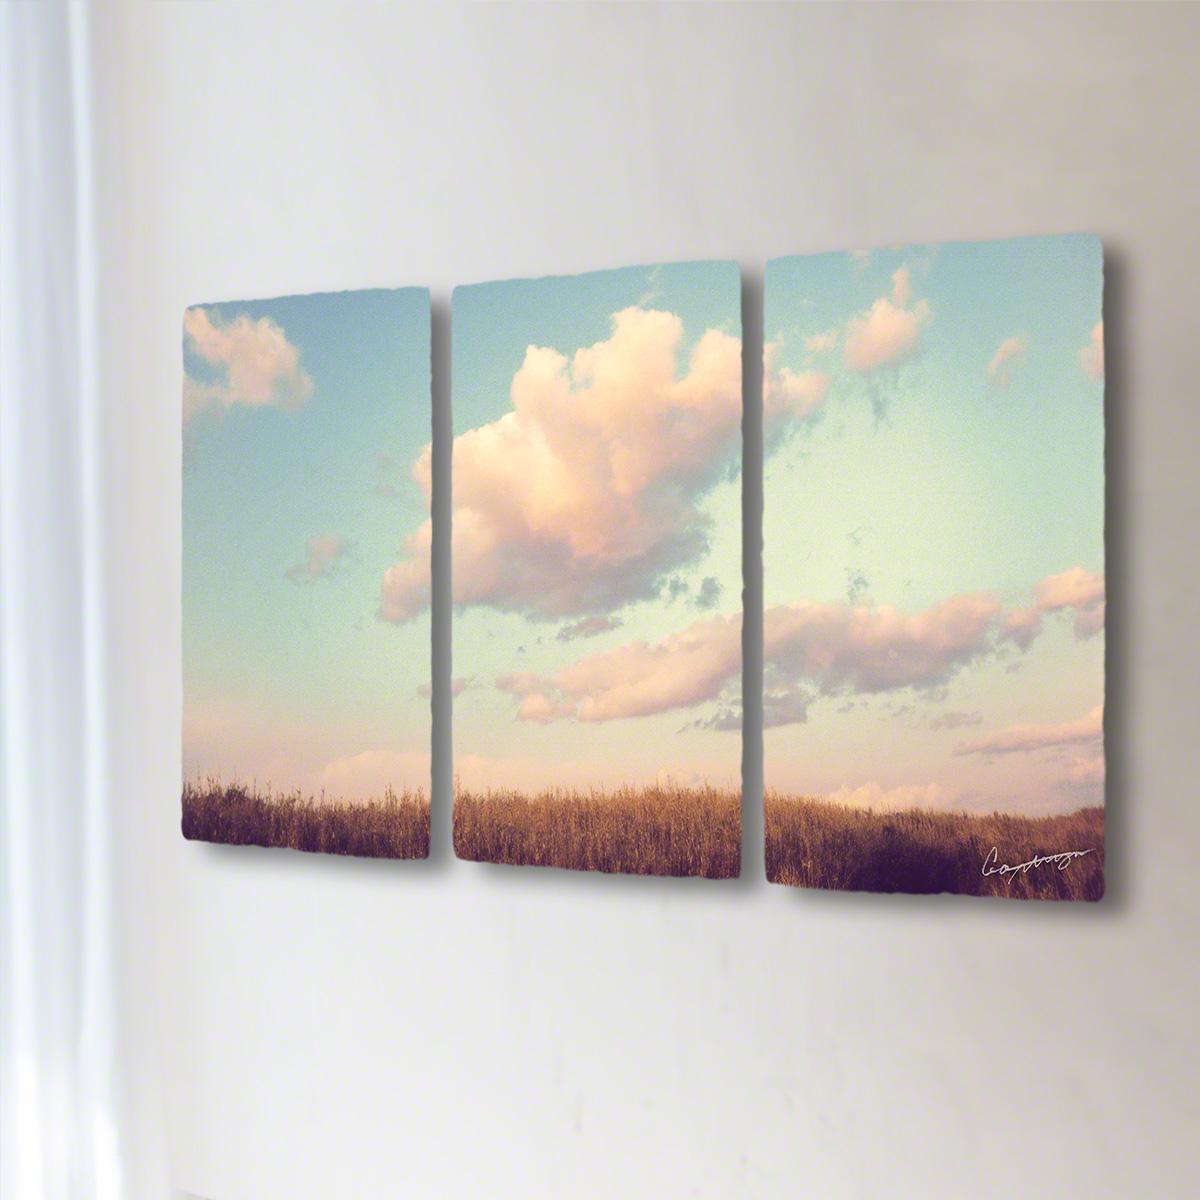 和紙 手作り アートパネル 3枚続き 「葺原に浮かぶ夕暮れ雲」(144x81cm) 絵画 絵 ポスター 壁掛け モダン アート 和風 オリジナル インテリア 風景画 ランキング おすすめ おしゃれ 人気 キッチン リビング ダイニング 玄関 和室